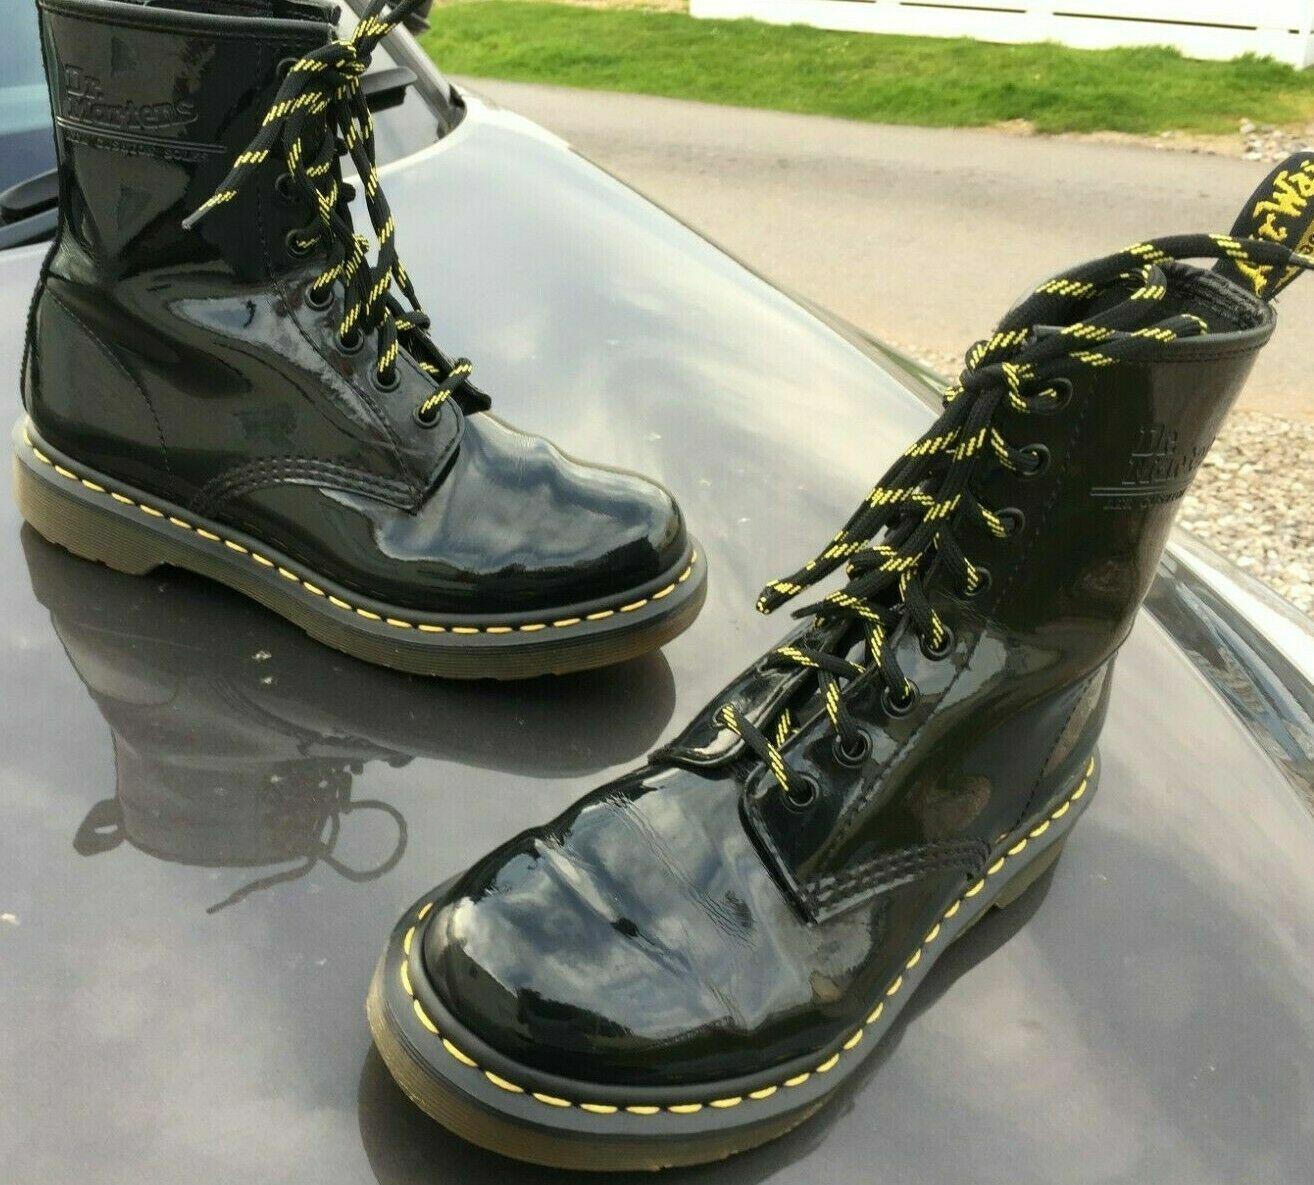 Dr Martens 1460 black patent leather boots UK 5 EU 38